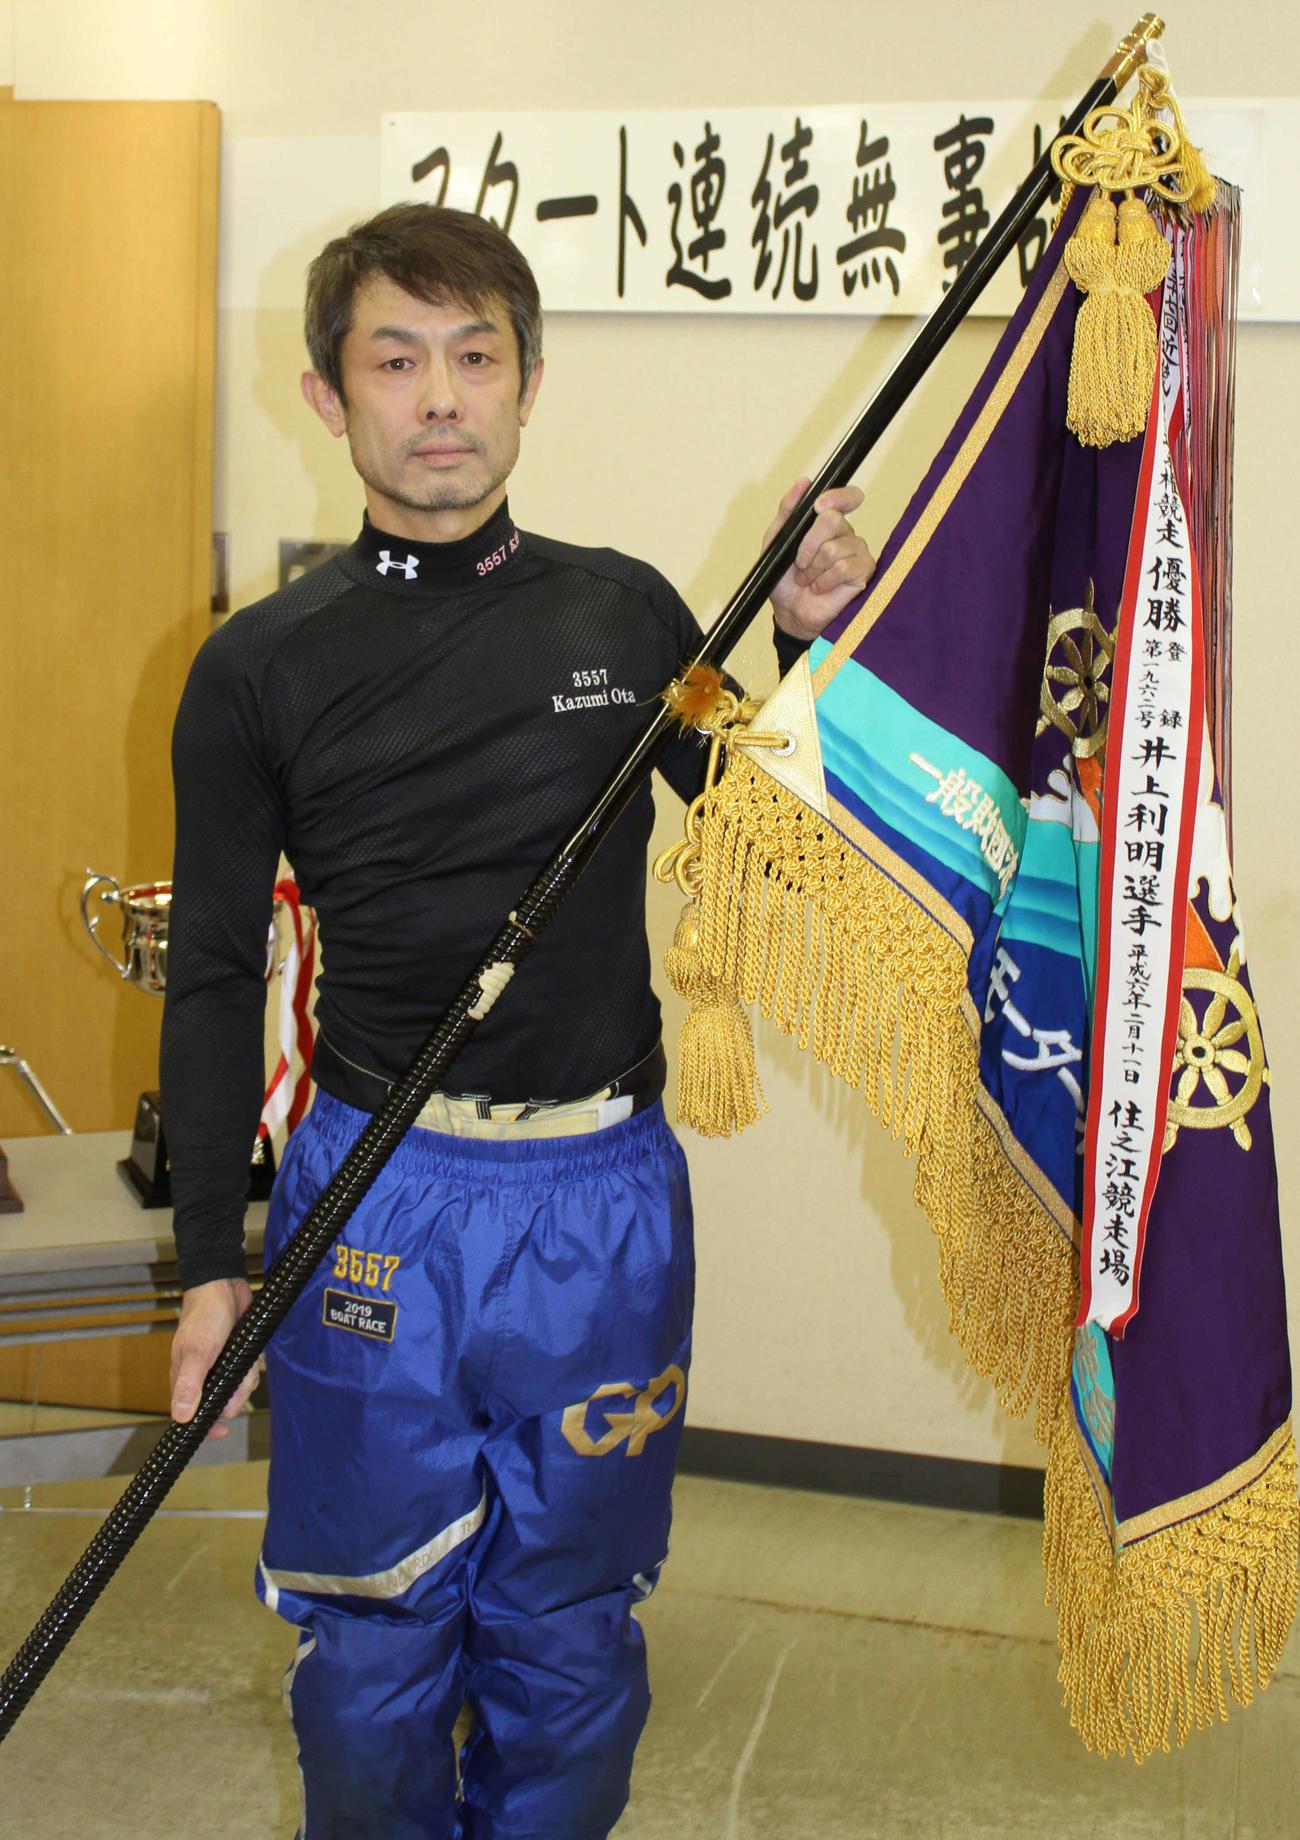 競艇G12020近畿地区選手権競走優勝は大阪支部の太田和美選手 ボートレース尼崎